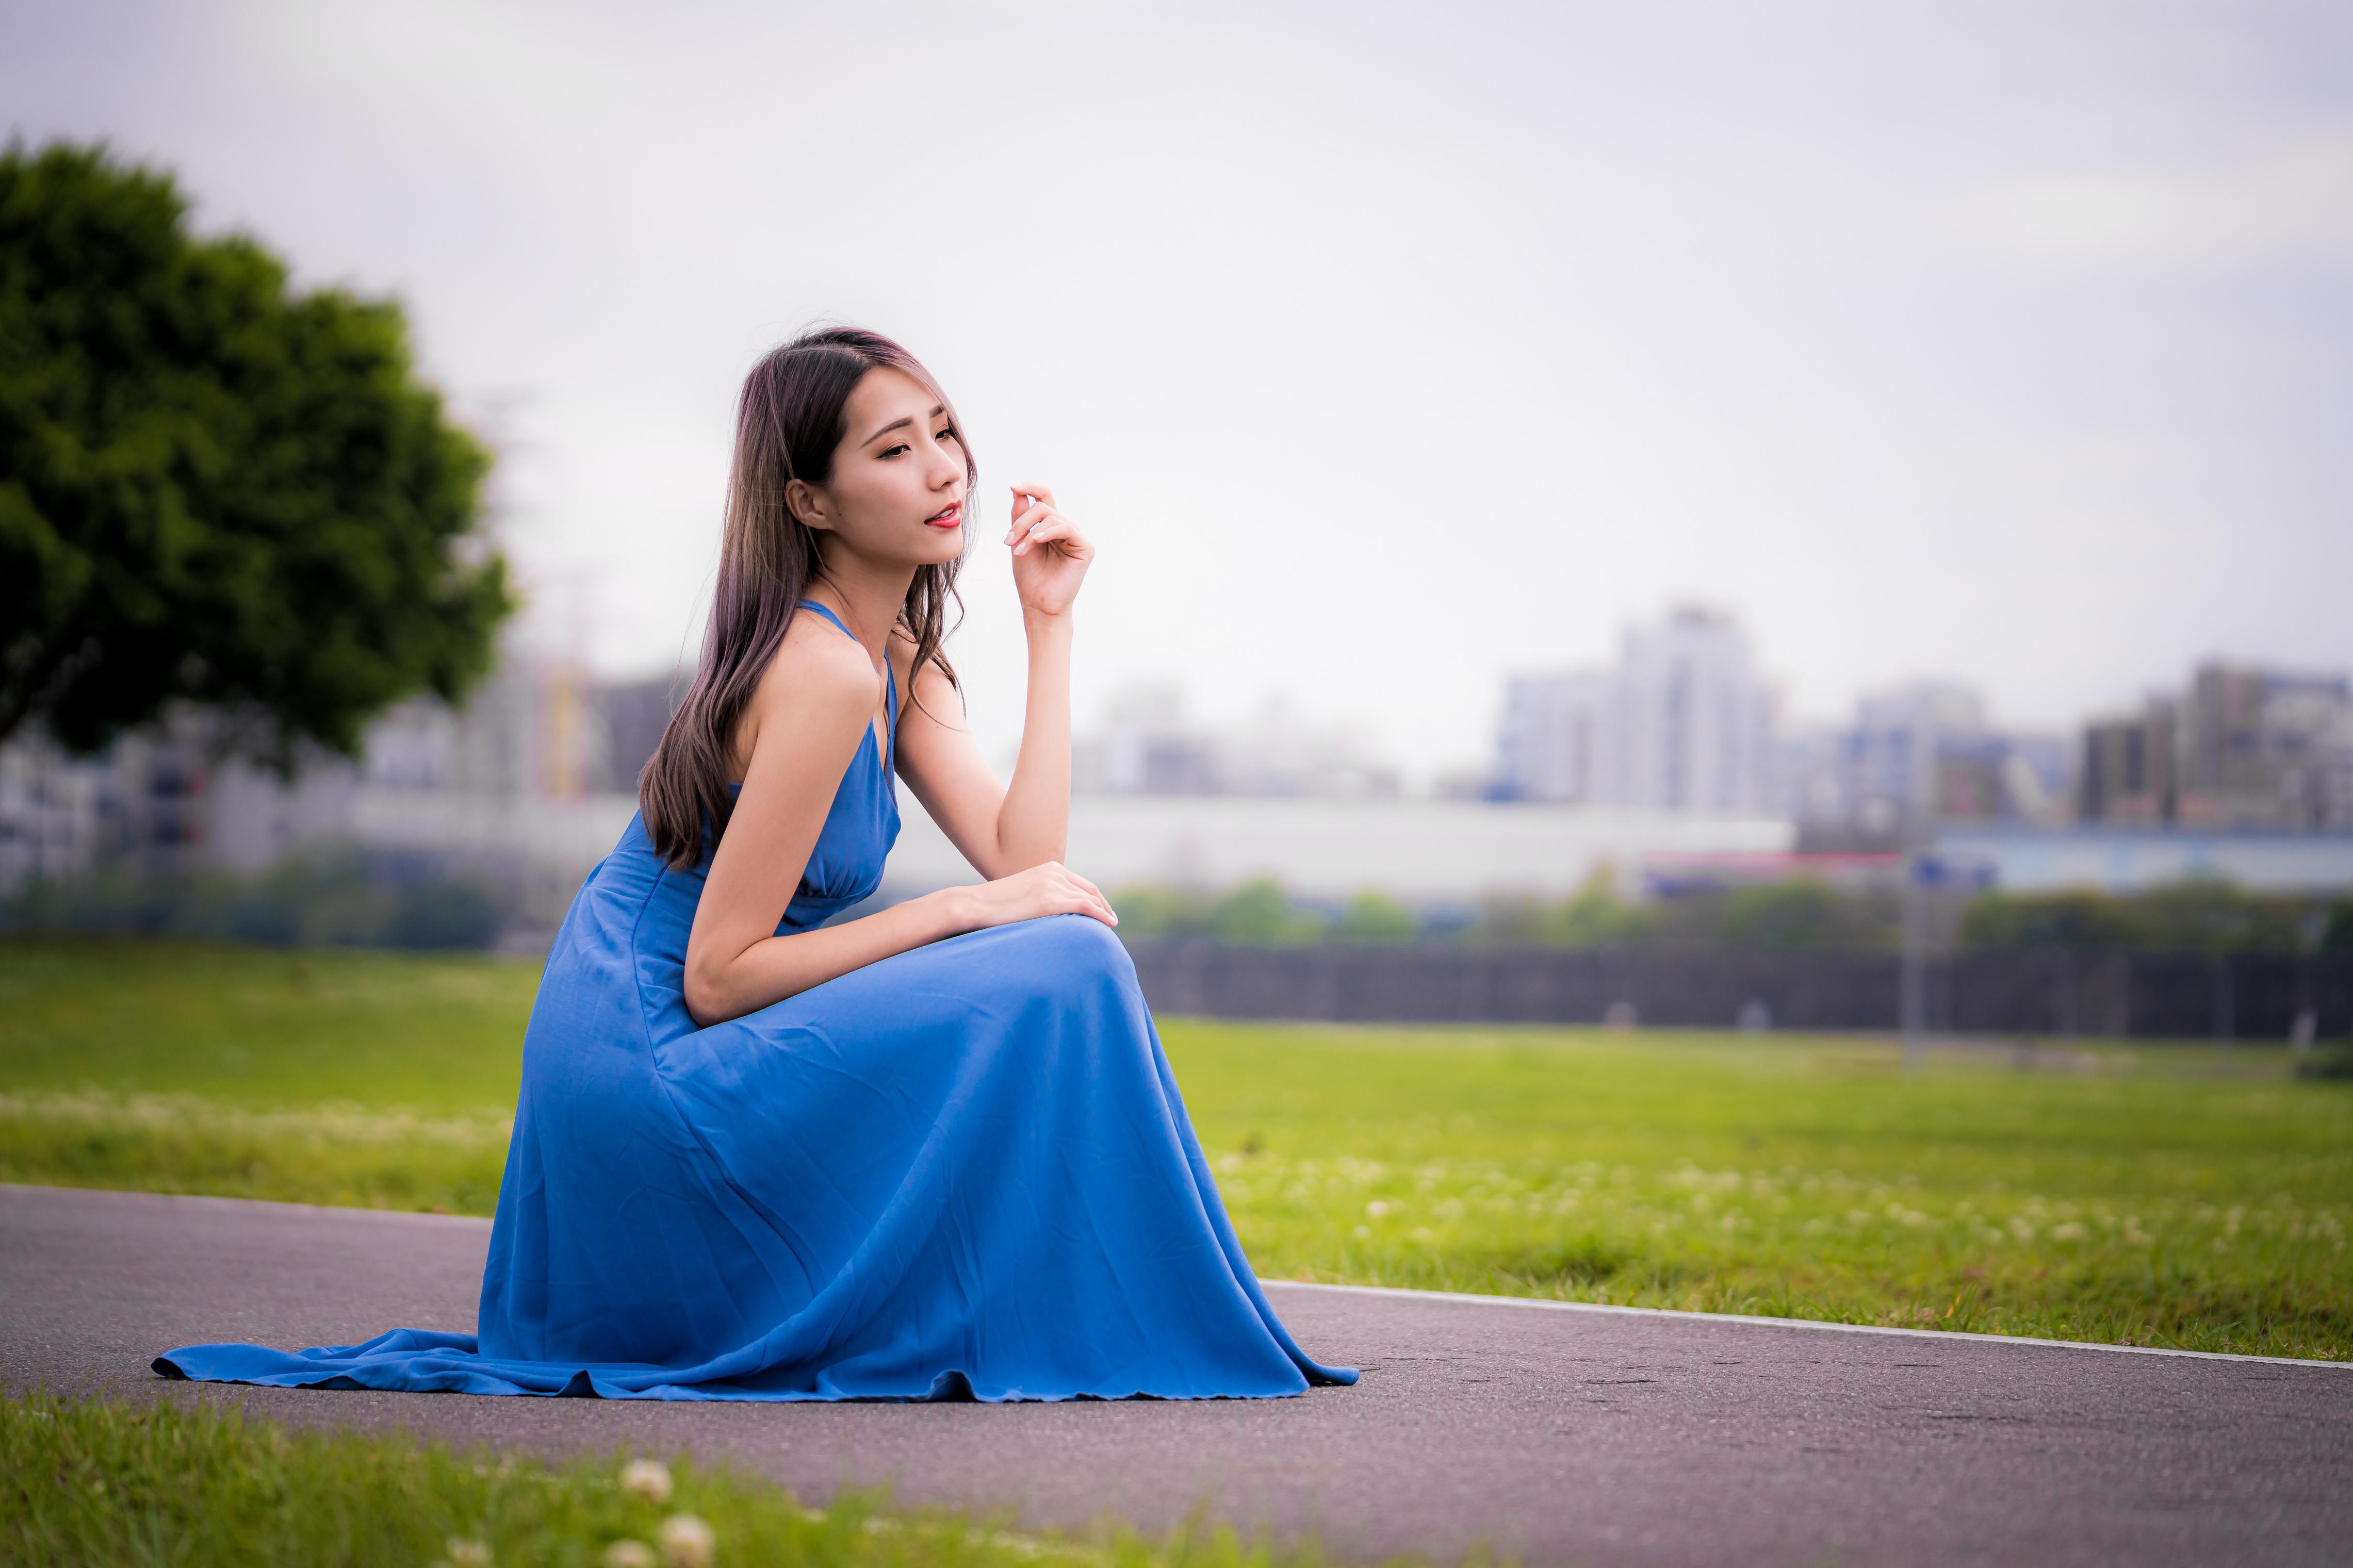 Фотография боке Девушки Азиаты сидящие Платье Размытый фон девушка молодая женщина молодые женщины азиатки азиатка сидя Сидит платья